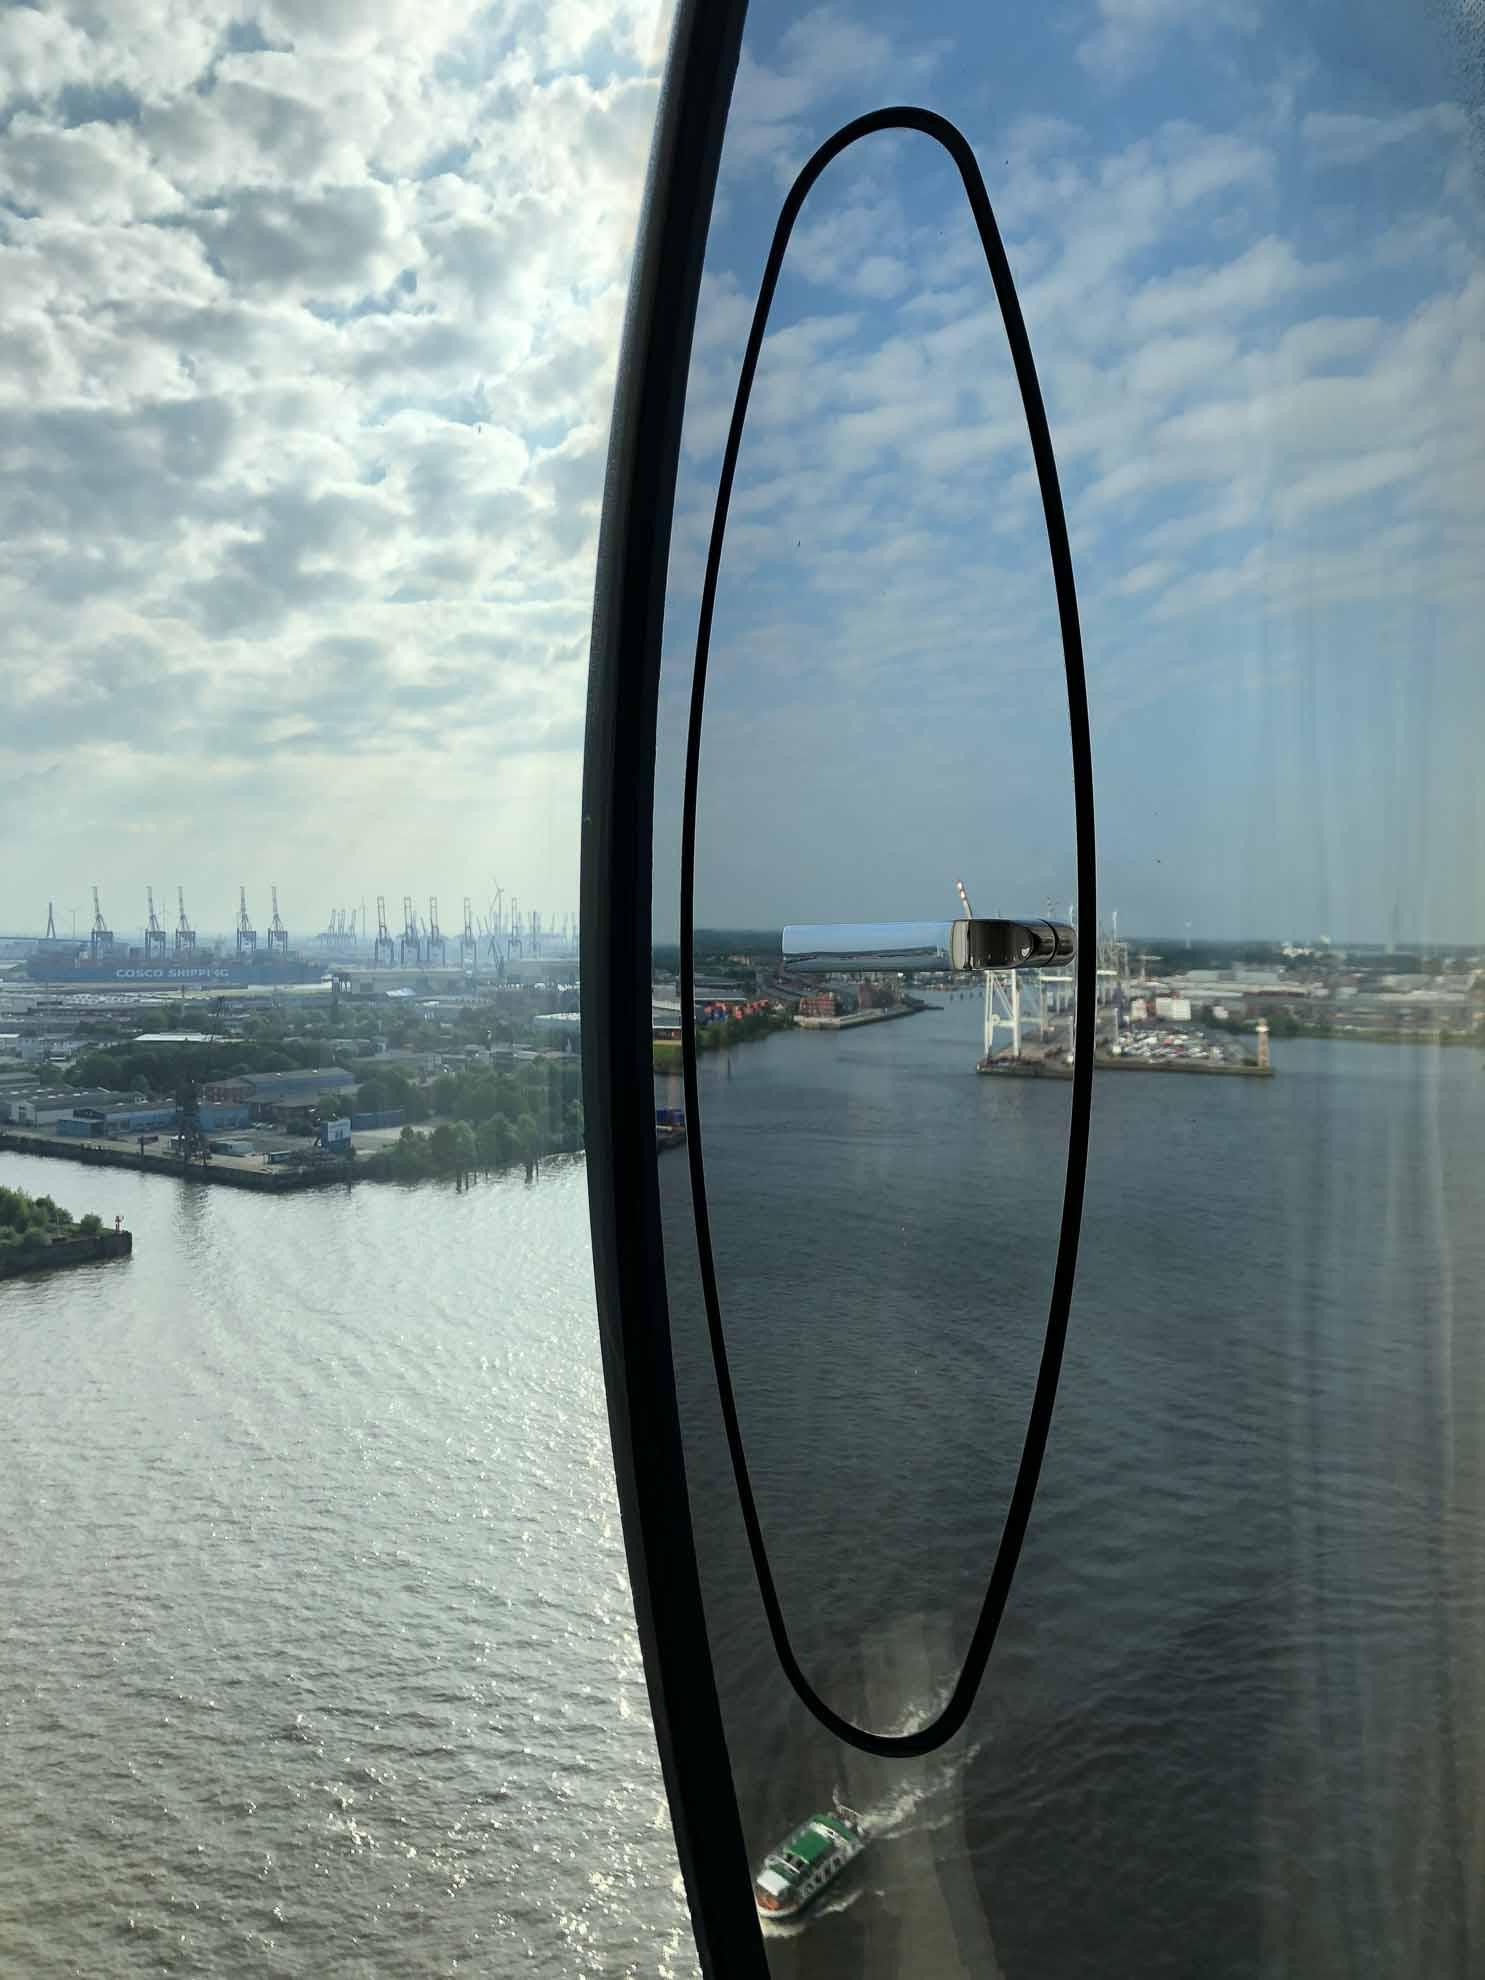 Der fantastische Ausblick aus dem Hotelzimmer der Elbphilharmonie.